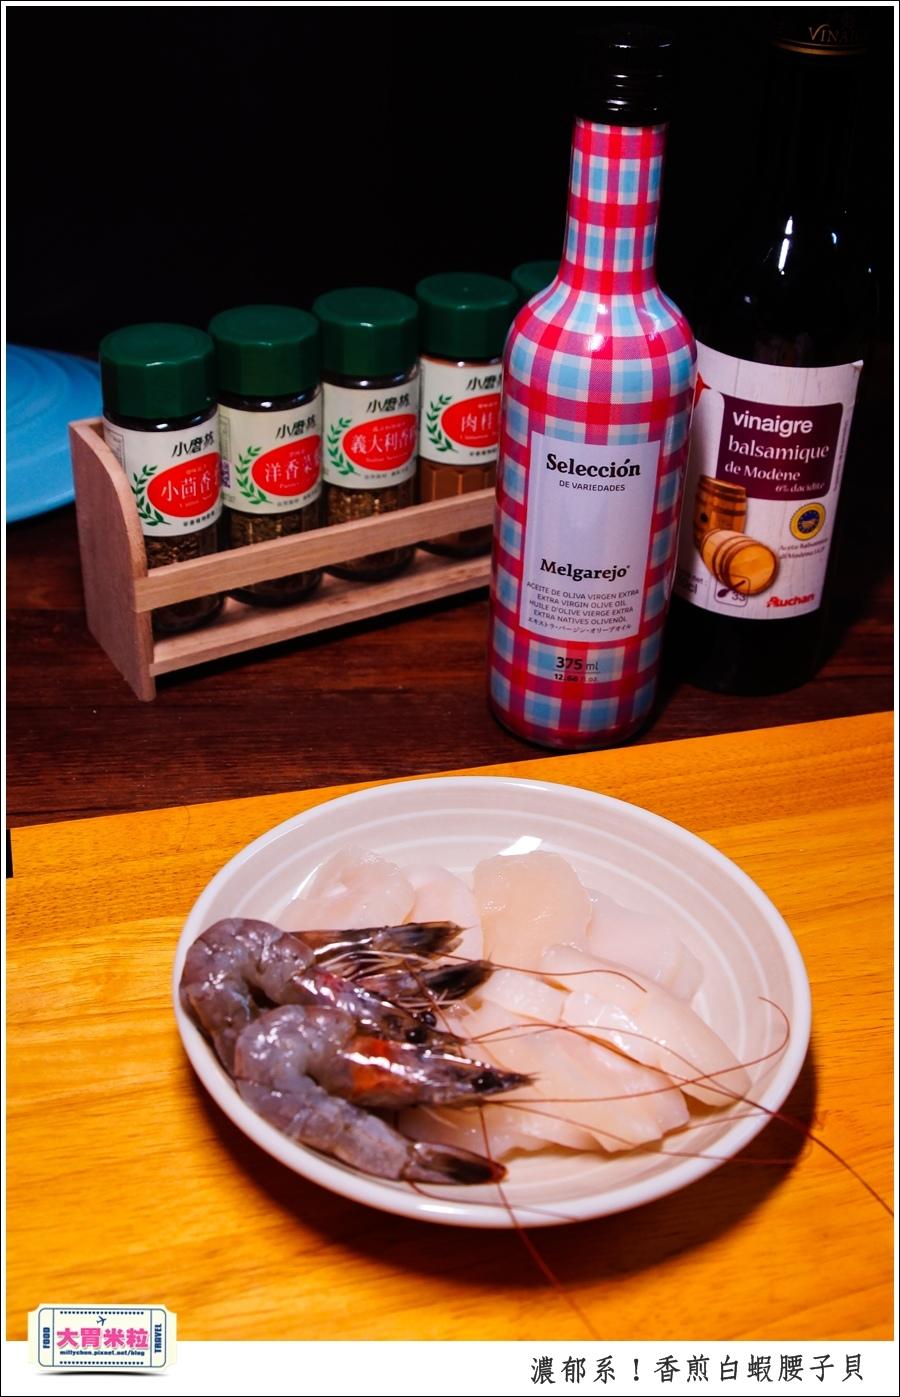 香煎白蝦腰子貝x梅爾雷赫頂級初榨橄欖油@大胃米粒0001.jpg